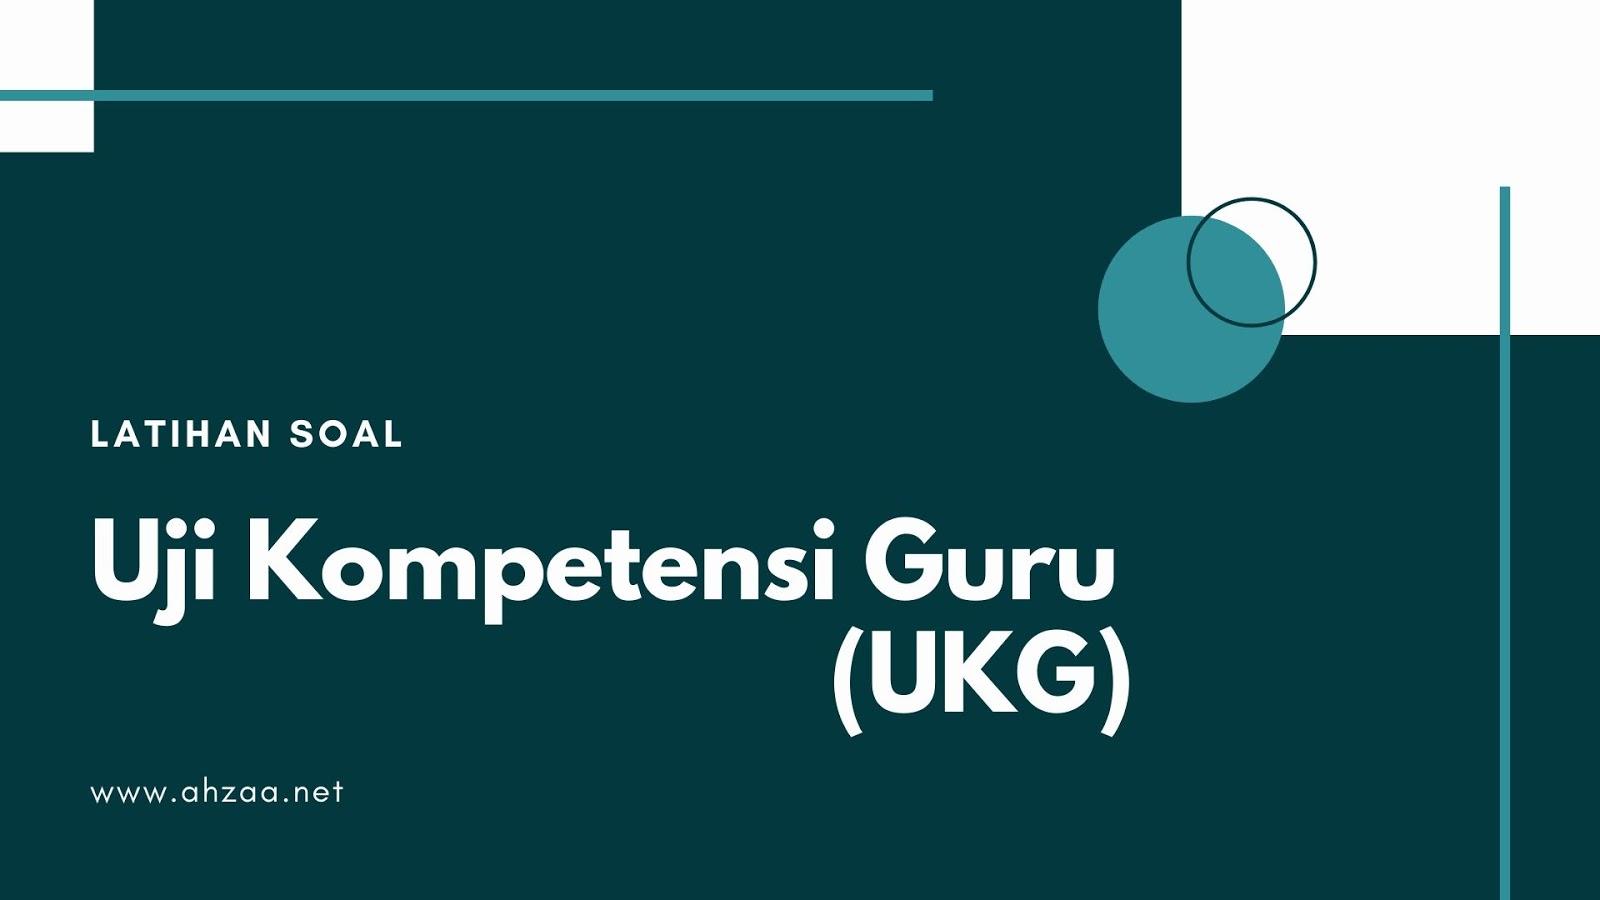 Latihan Soal Ukg Kompetensi Pedagogik Dan Profesional Guru Bahasa Inggris Sma Smk Tahun 2019 2020 Ahzaa Net